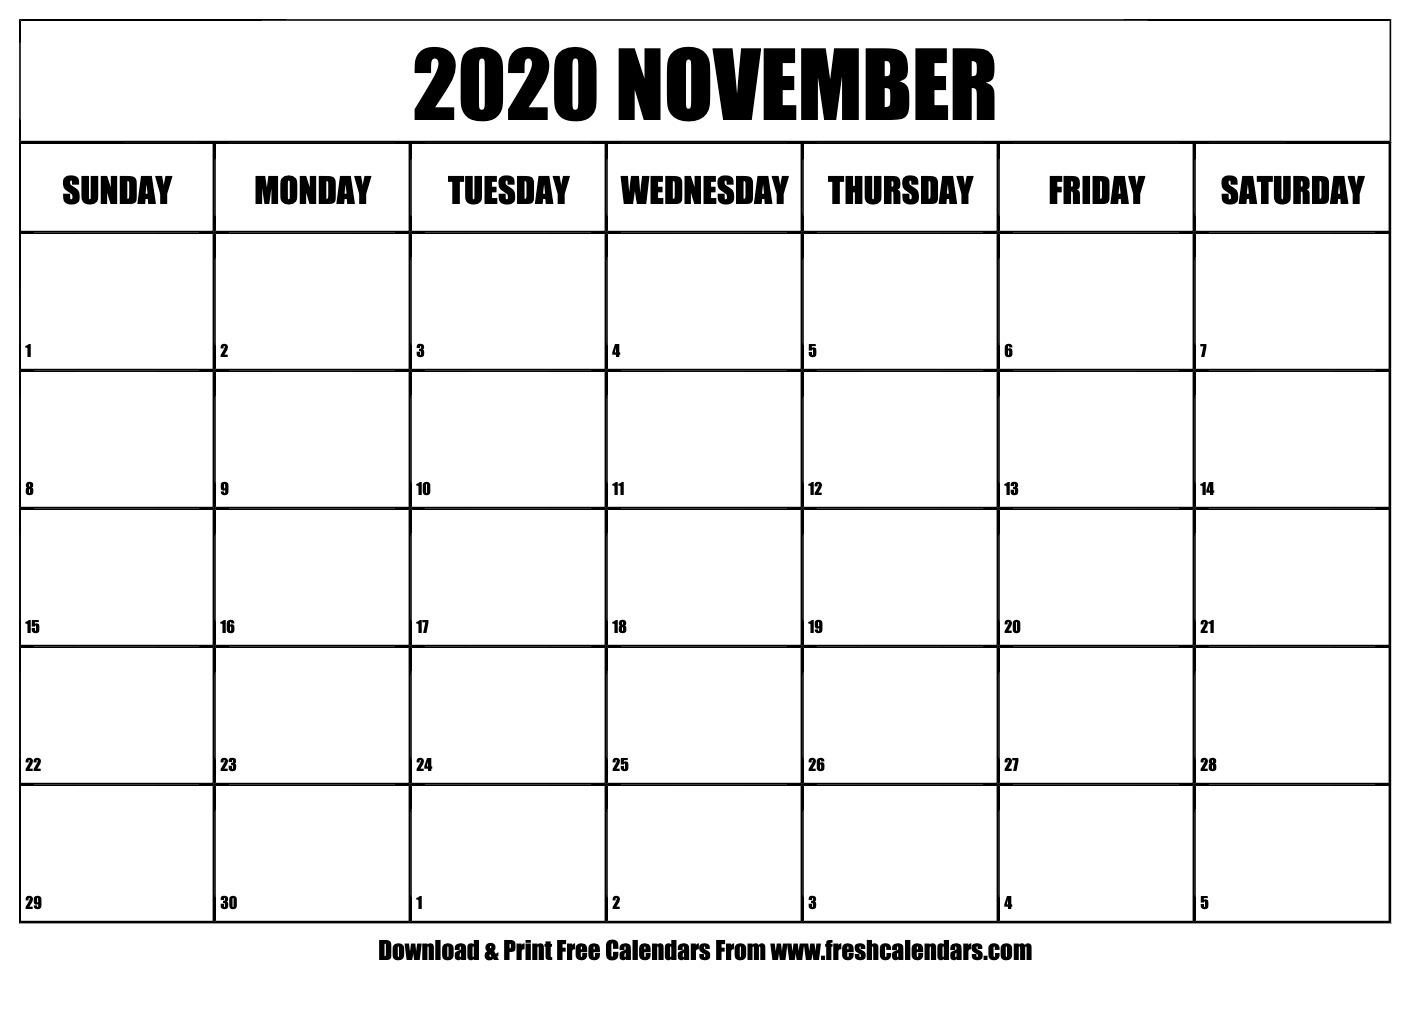 Free Printable November 2020 Calendar for Bring Up Calander For October And November 2020